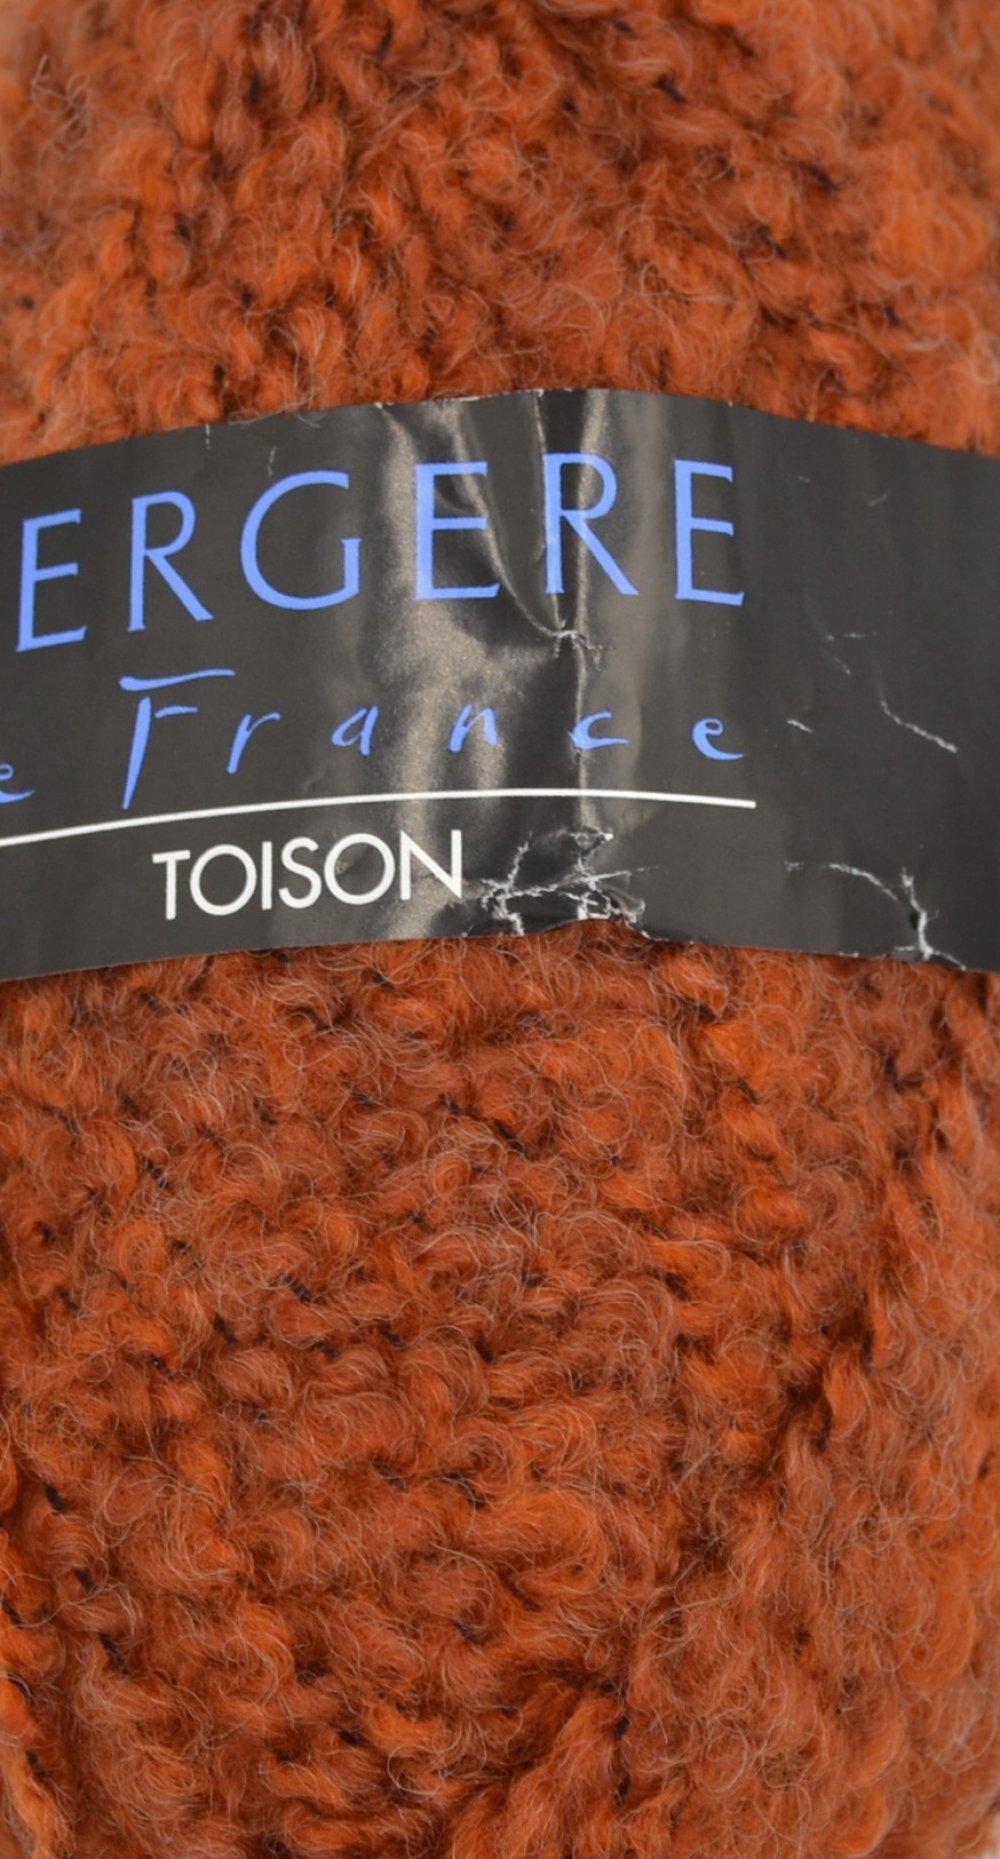 Toison Duchesse Laine Bergère de France